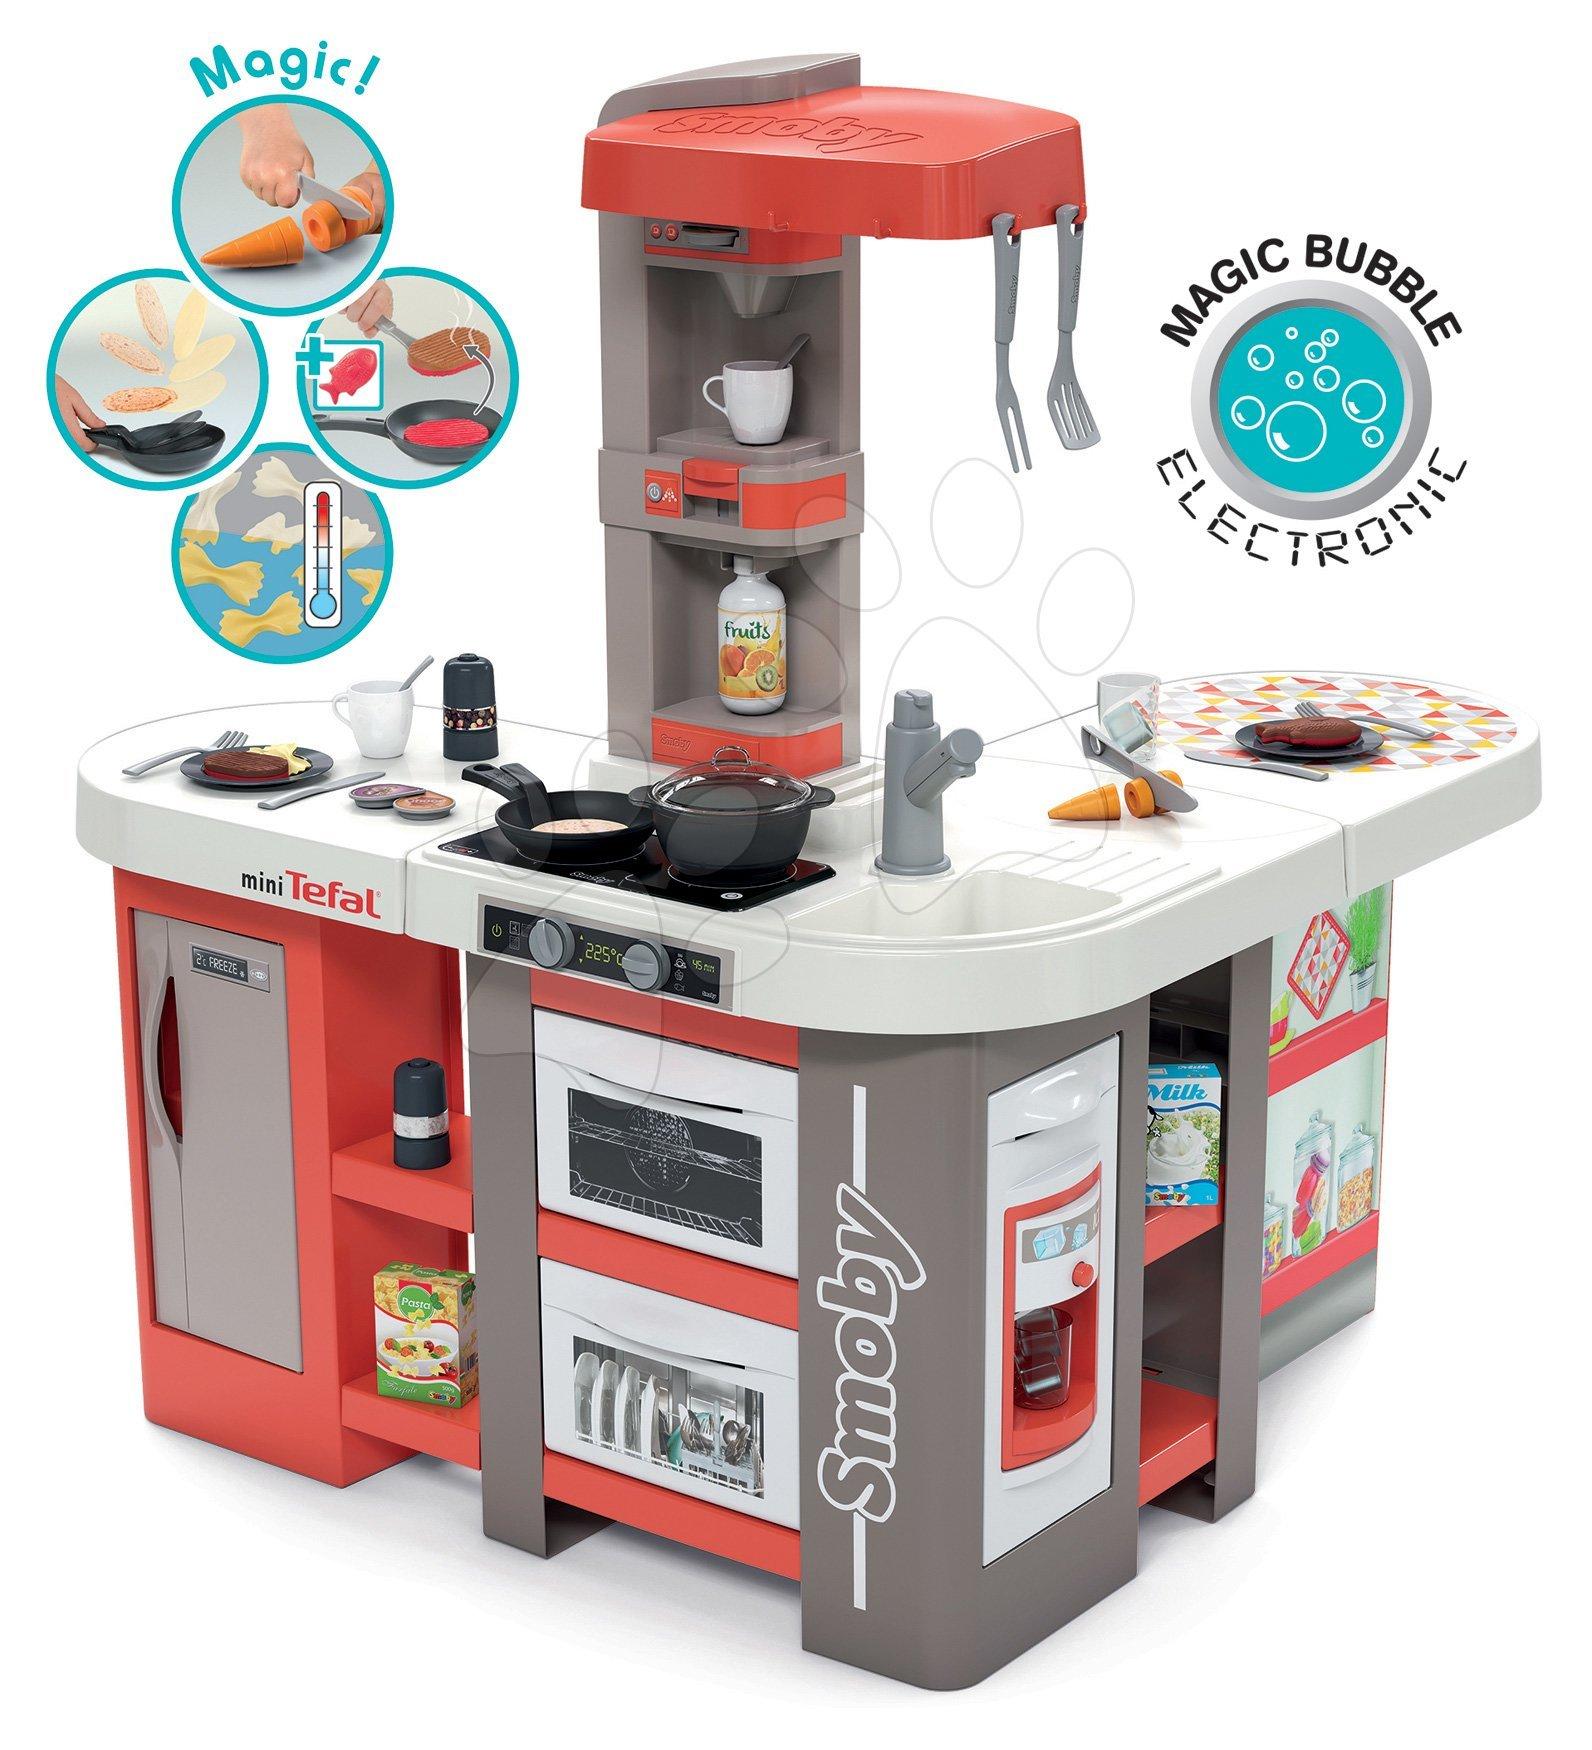 Kuchynka elektronická Tefal Studio 360° XXL Bubble Smoby mrkvová s magickým bublaním ľadom a cestoviny s mrkvou a 39 doplnkov